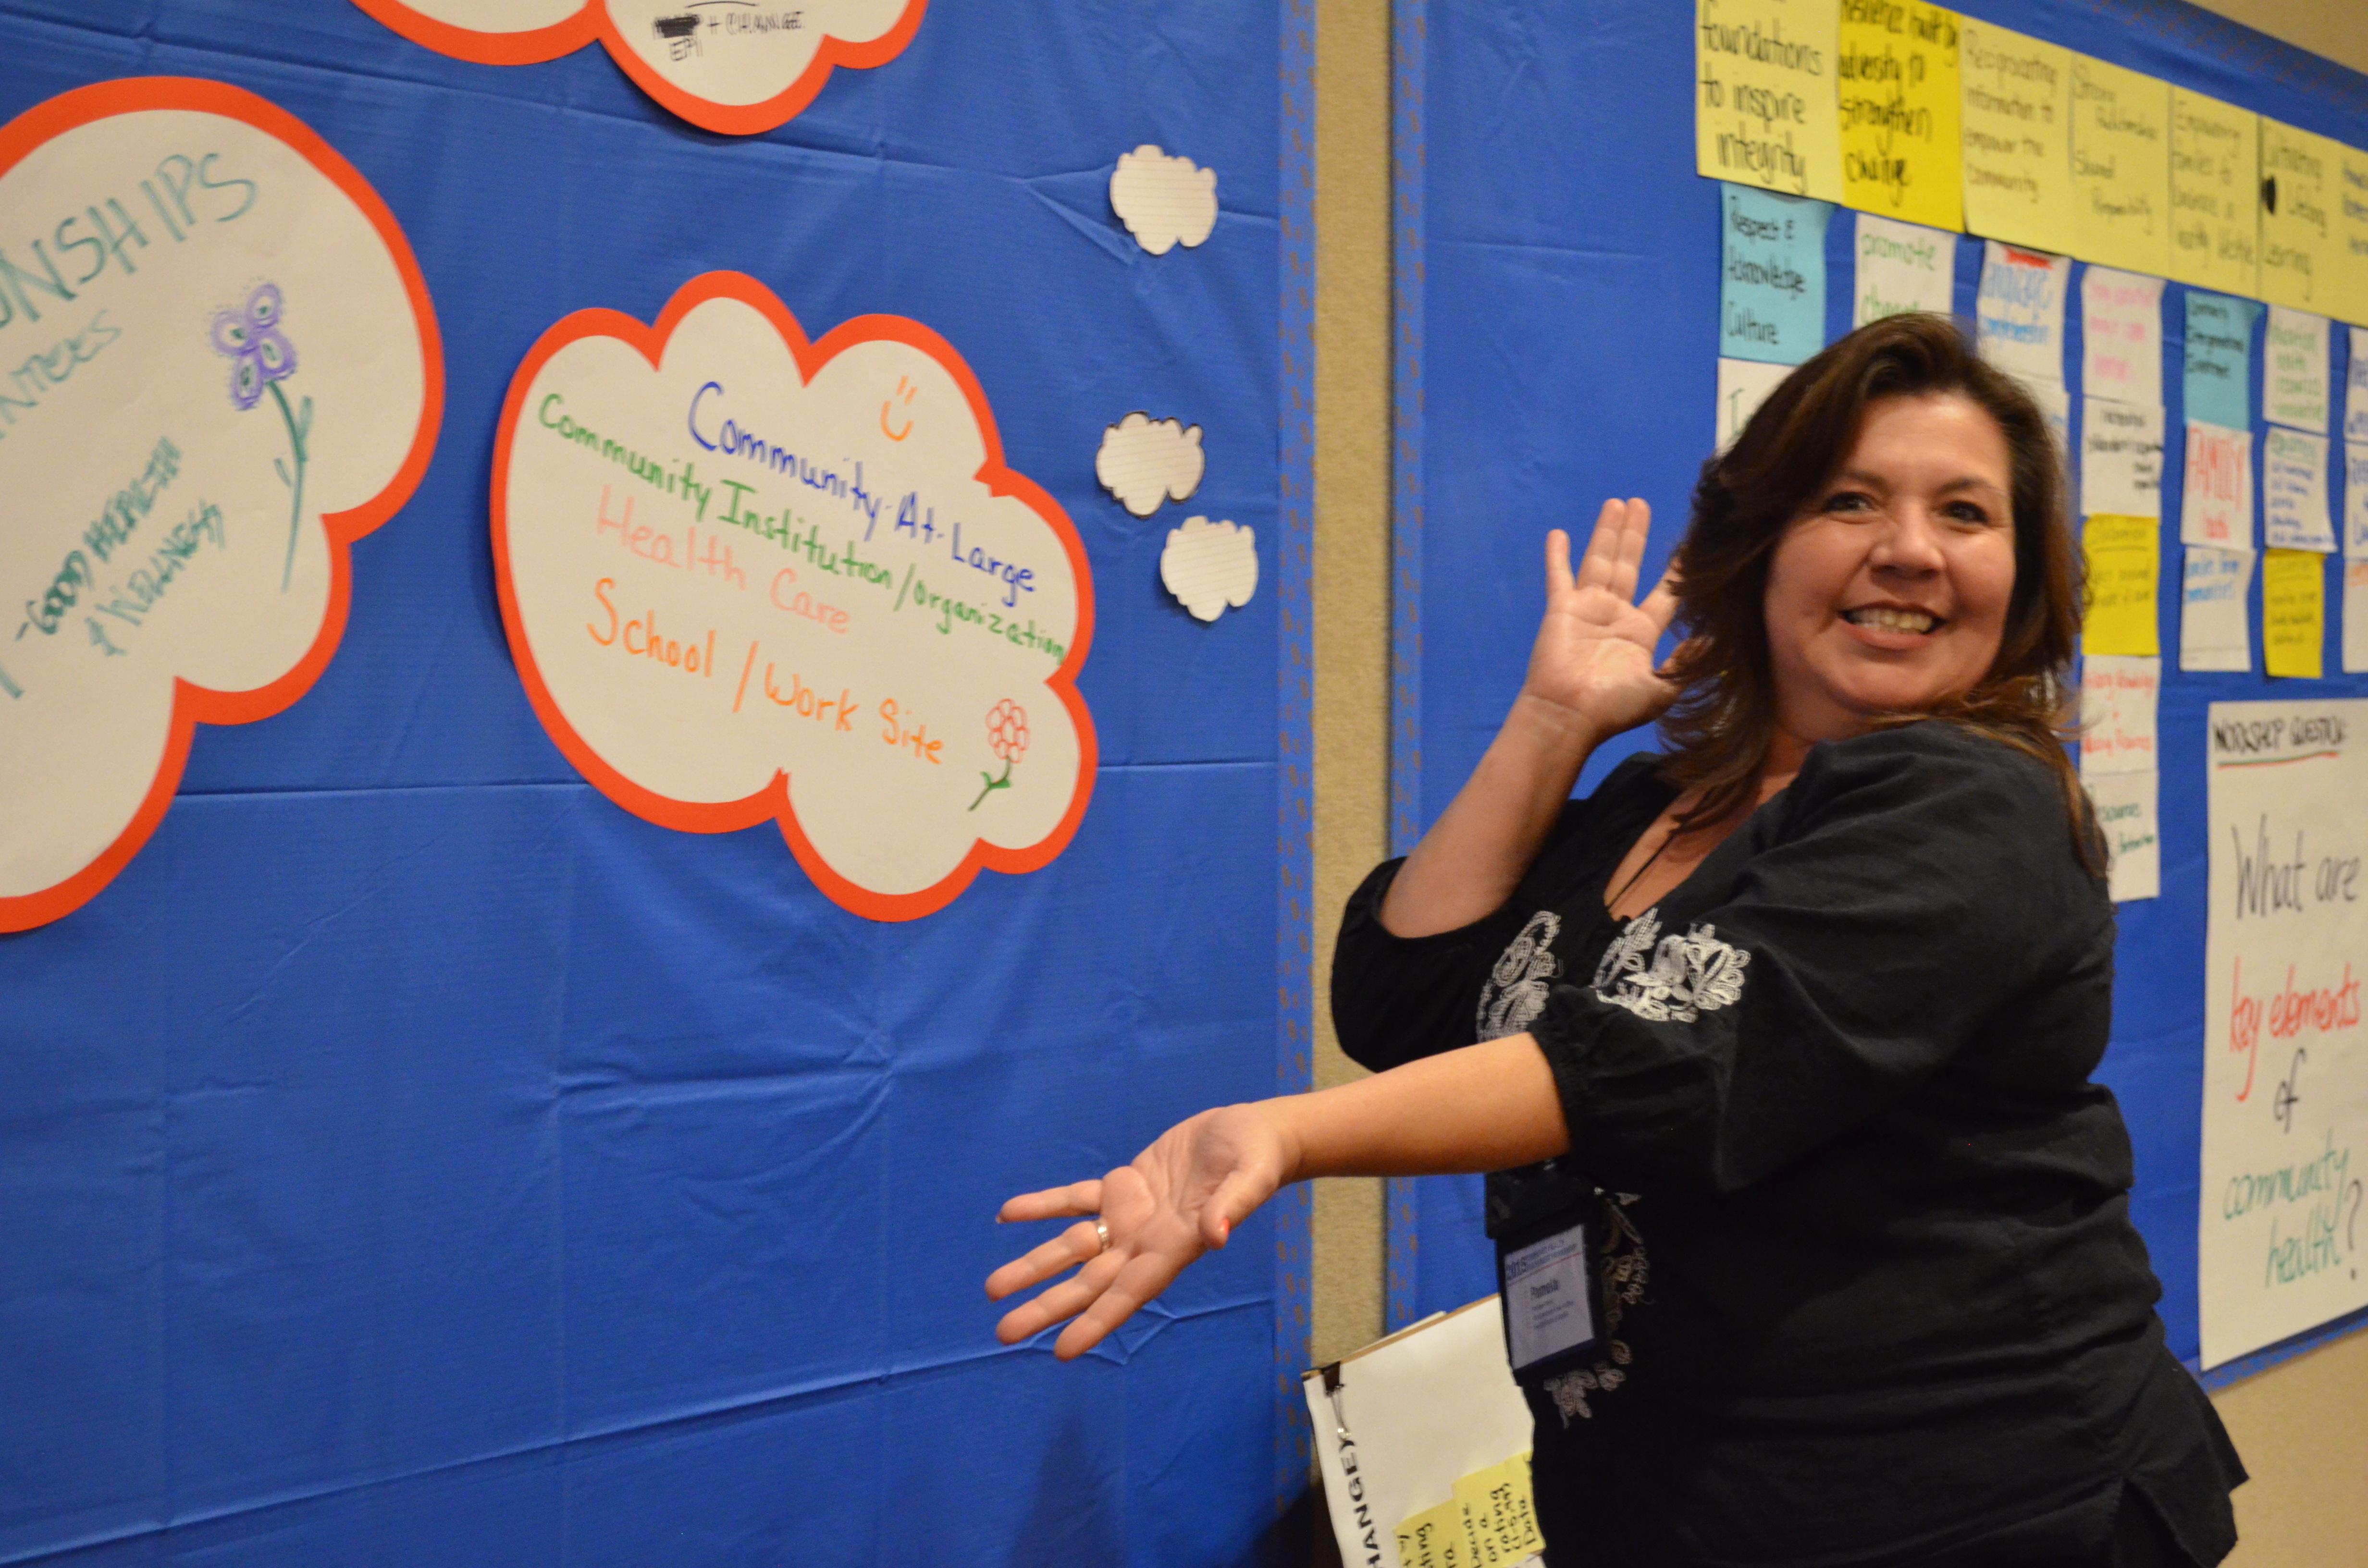 Mujer mostrando carteles en la pared.